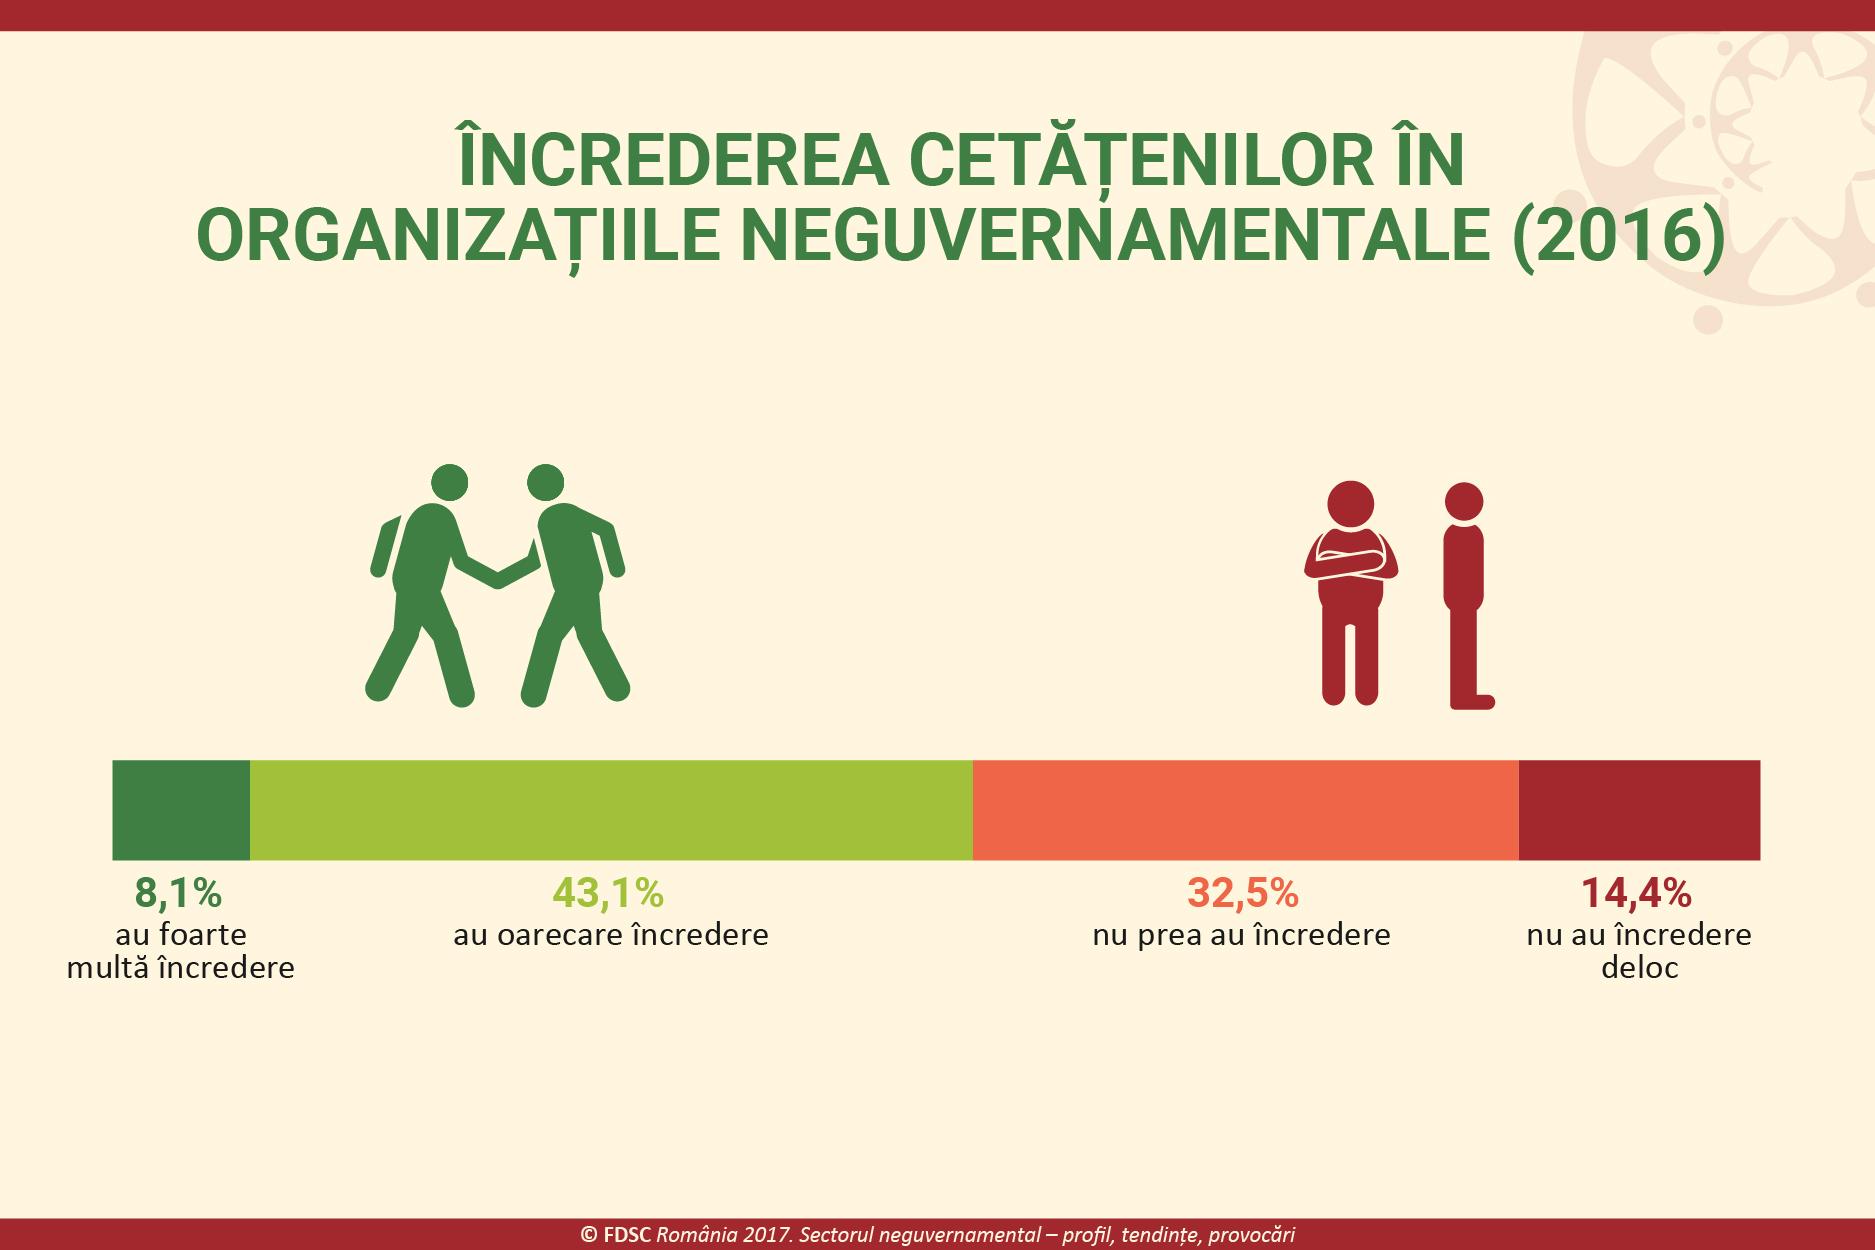 Cetățenii sub lupă. Analiză despre civism, voluntariat și comunitate la români